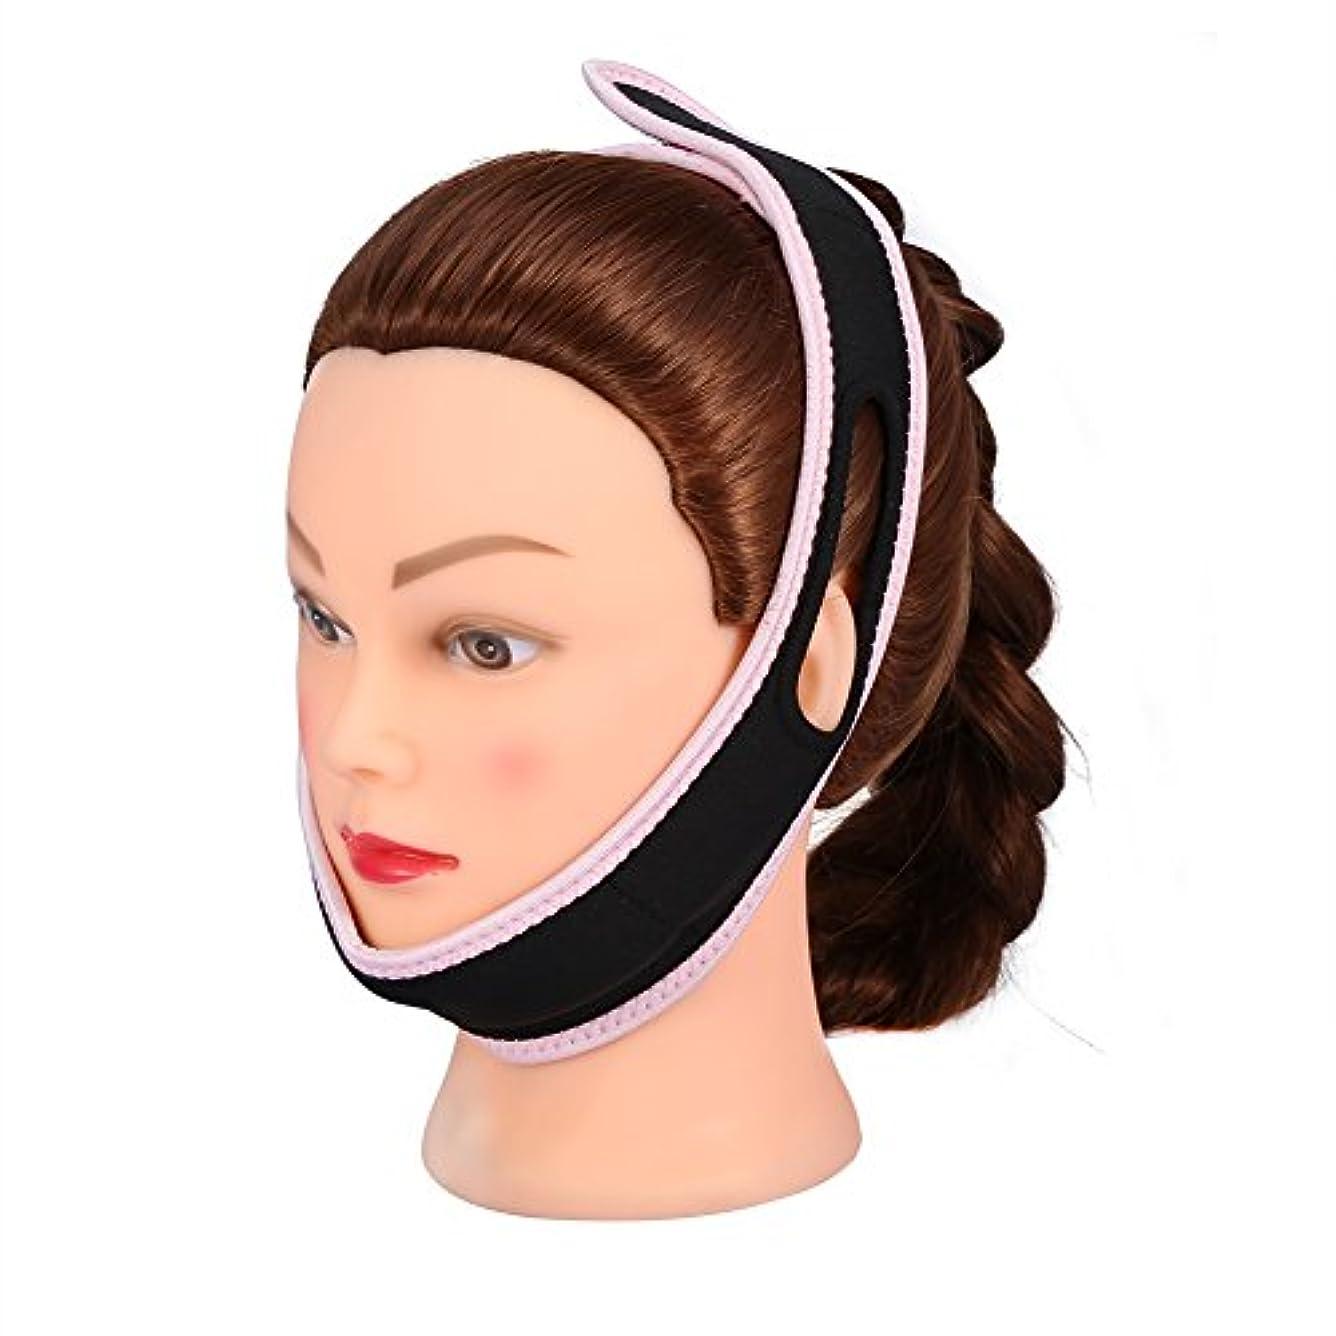 勧告たぶんカブ顔の包帯フェイシャルスリミングマスクナイロン&ポリエステルフェイスケアのための薄い首の顔リフトダブルチン女性、黒